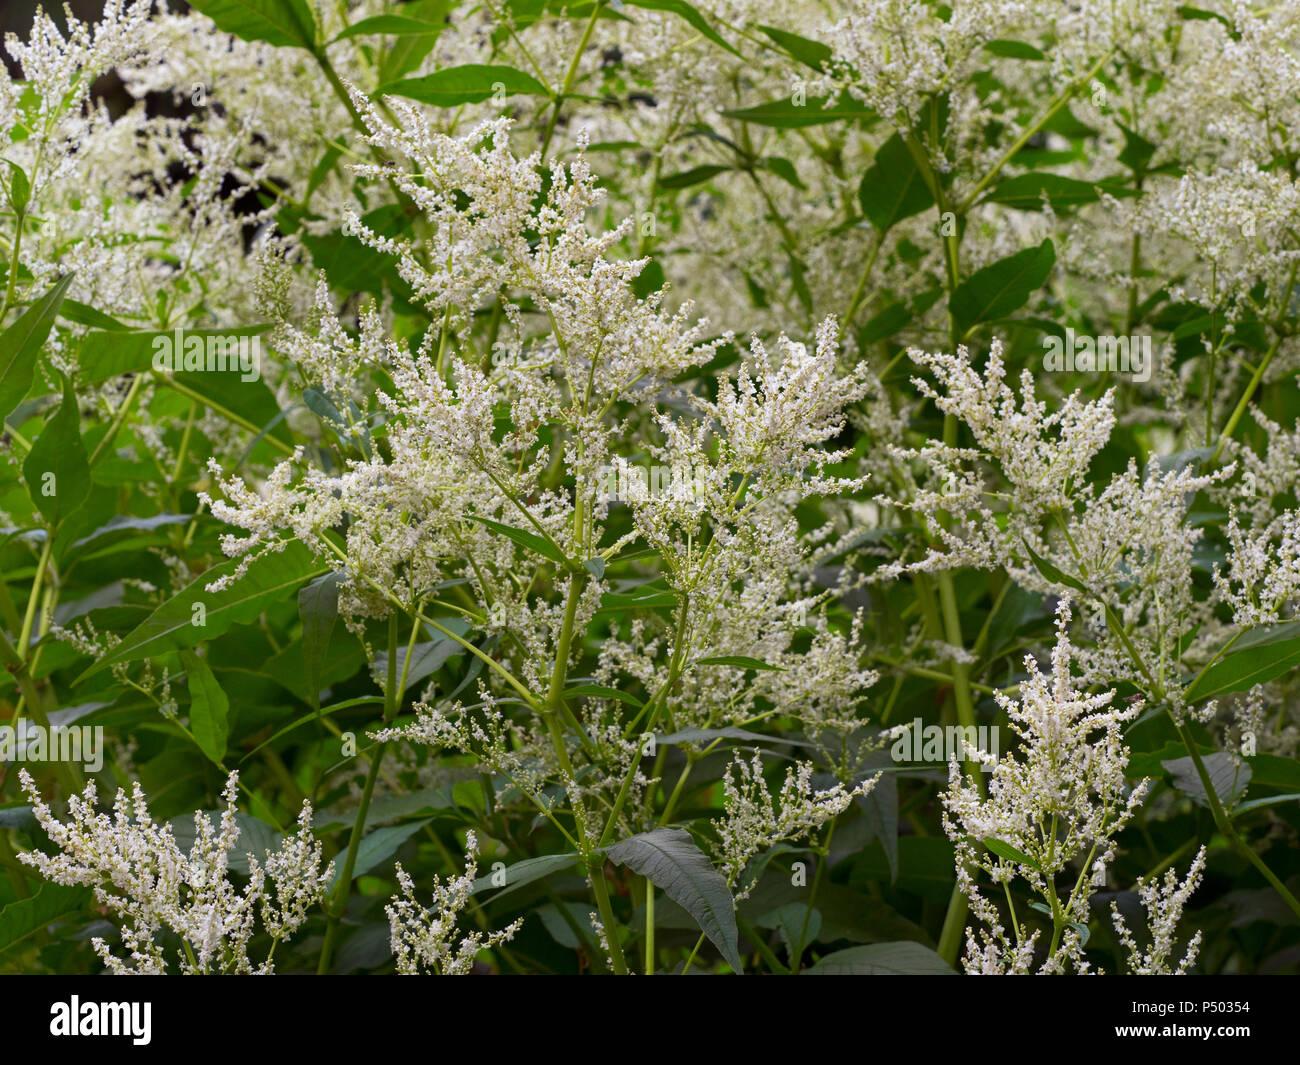 Giant white fleece flower photos giant white fleece flower images persicaria polymorpha fleur polaire gant photo stock mightylinksfo